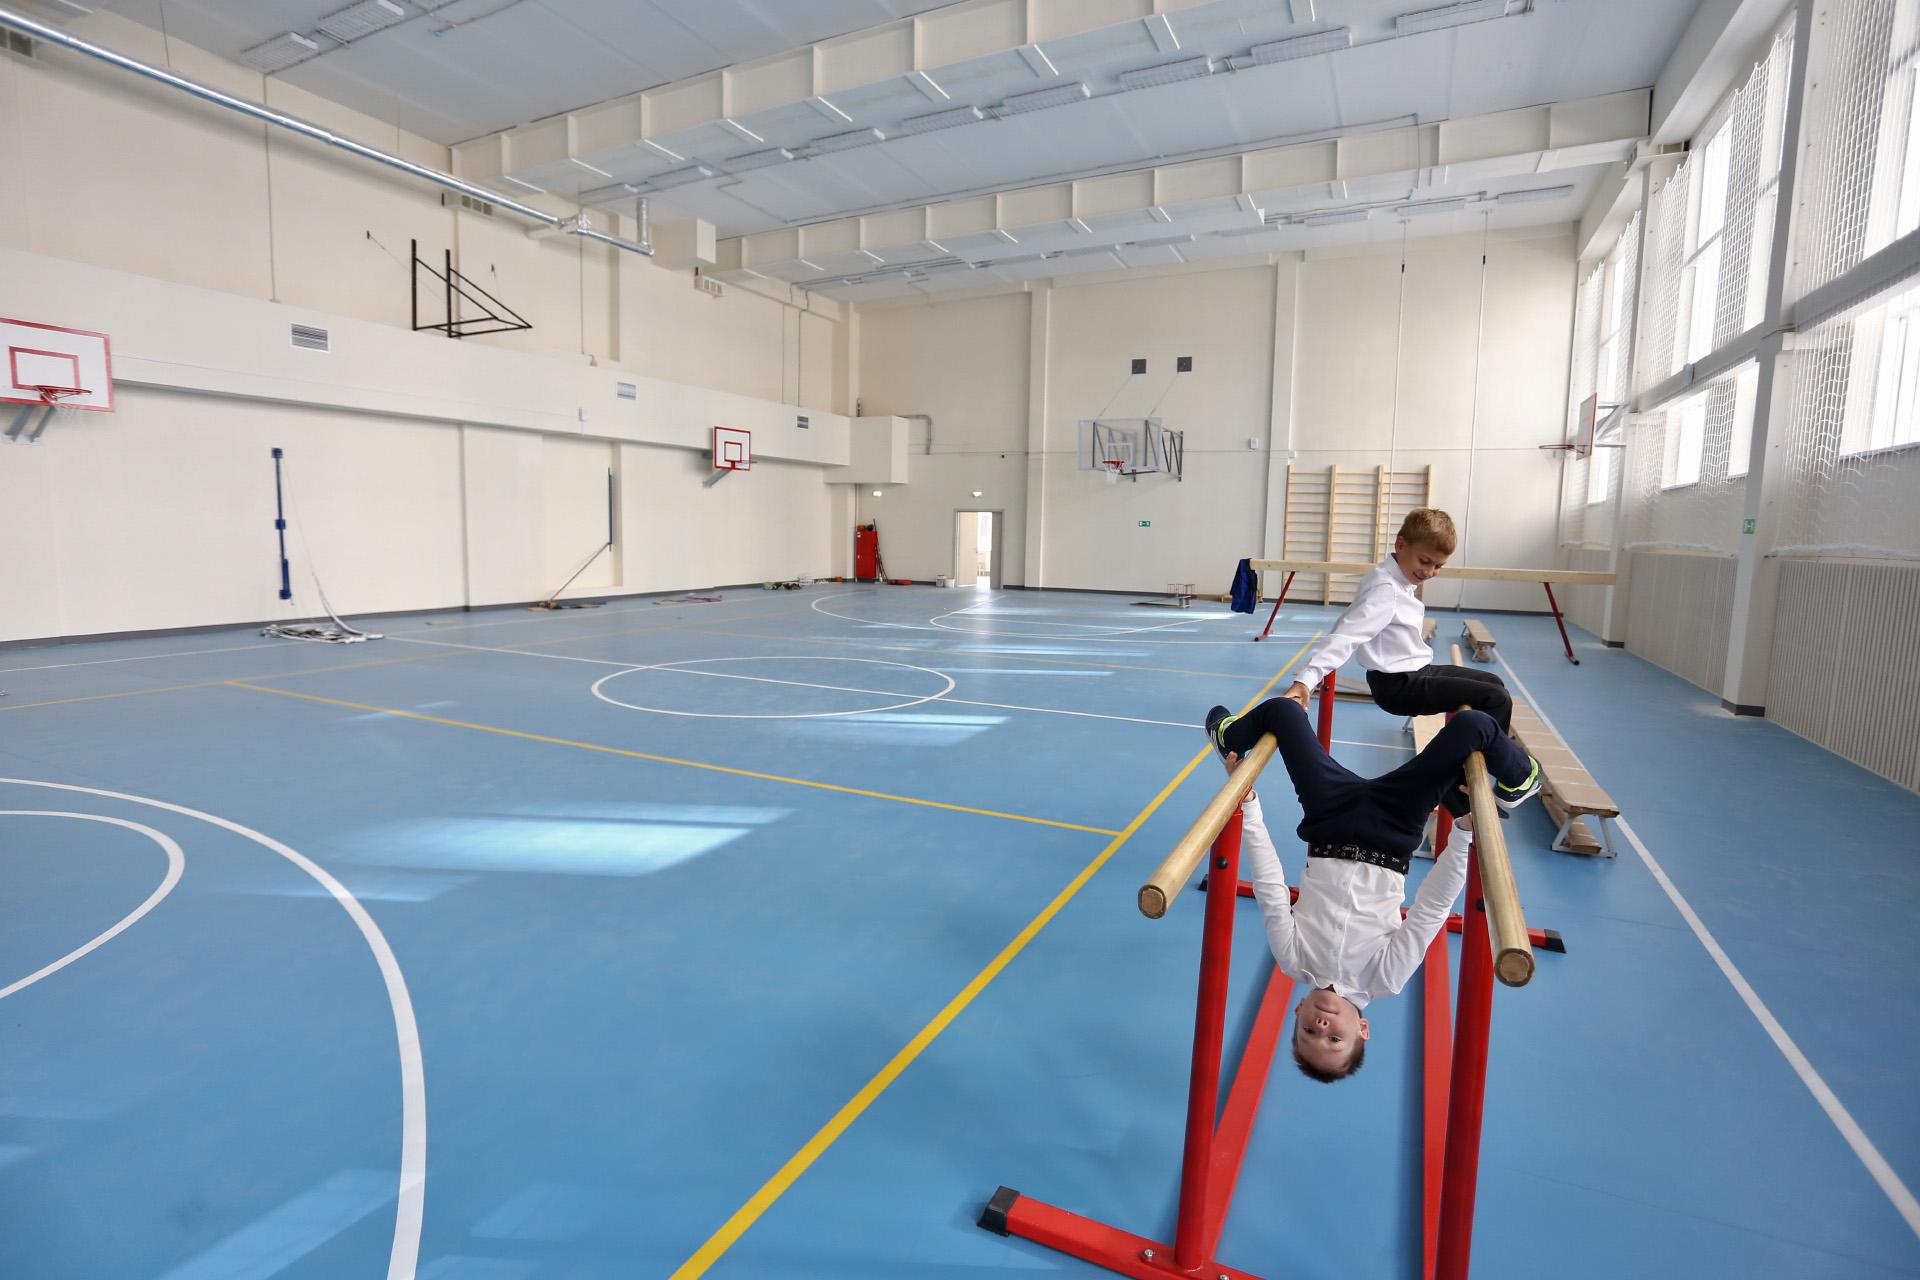 В спортзале можно проводить соревнования городского масштаба